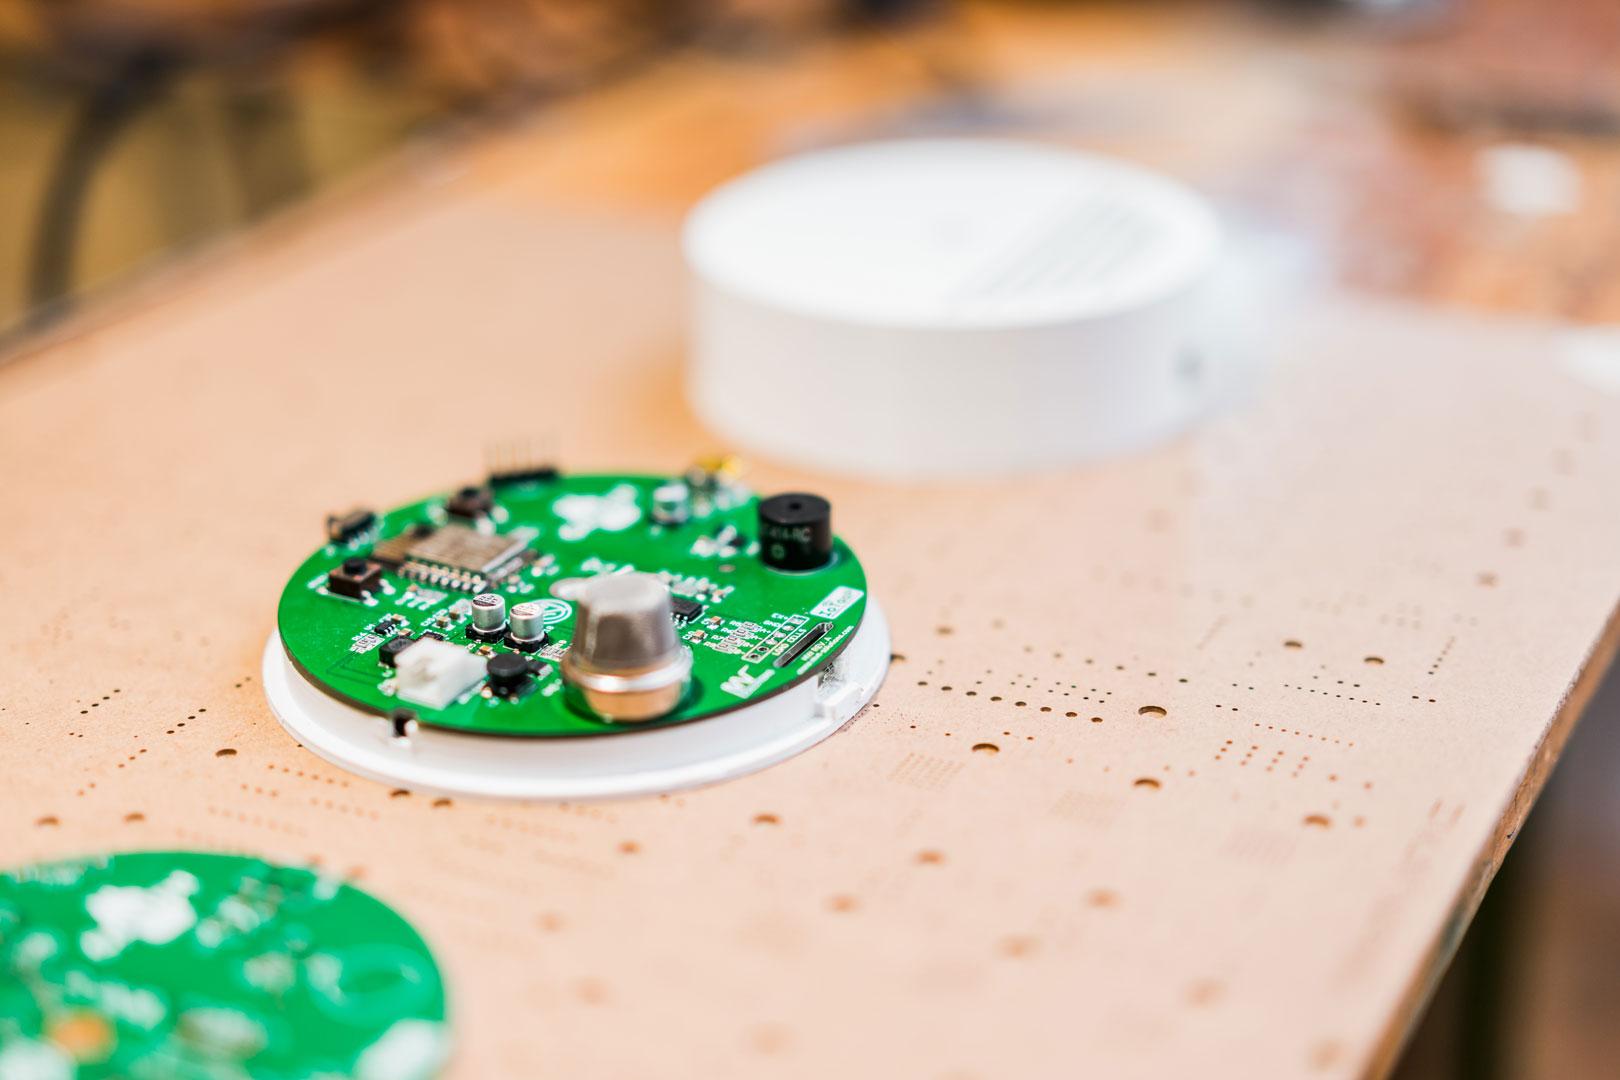 gasiot-iotaap-smart-metering